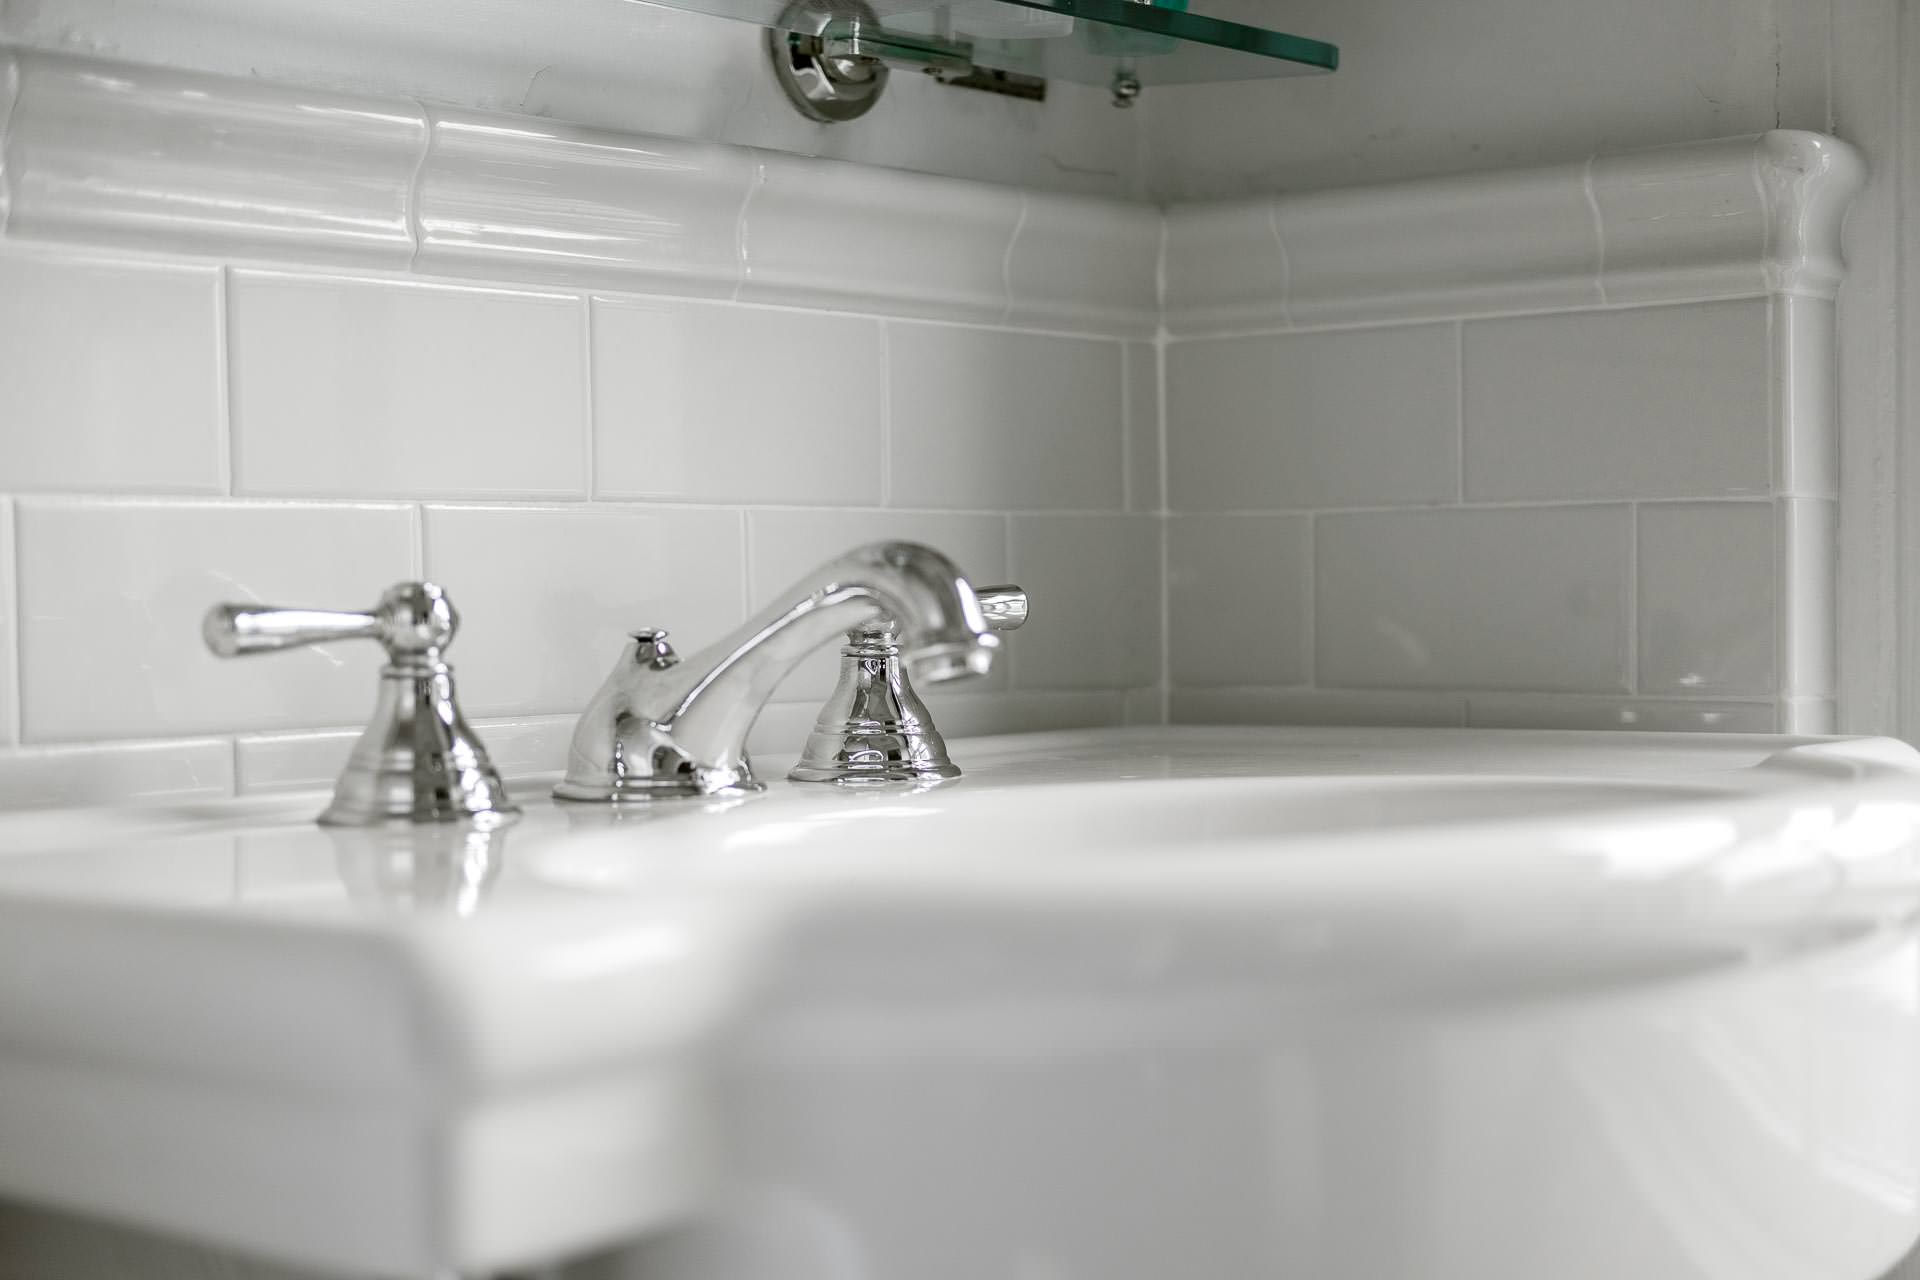 Sink Faucet.jpg